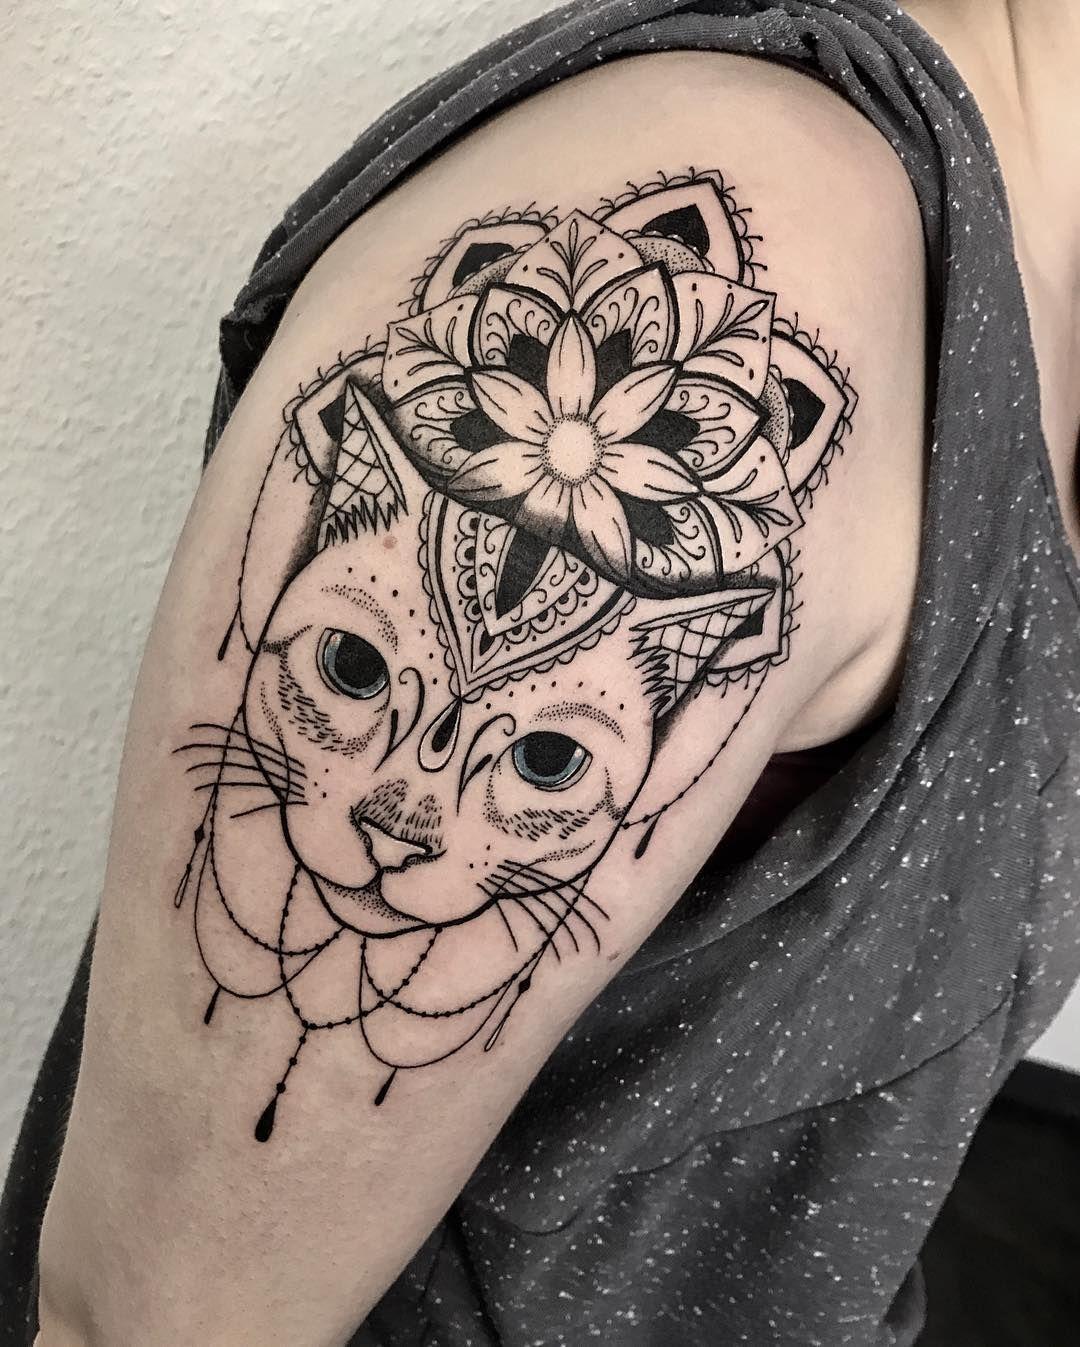 Cat Mandala Tattoo C Tattoo Artist Naomi Claire Tattoos Tattoo Designs Mandala Tattoo Design